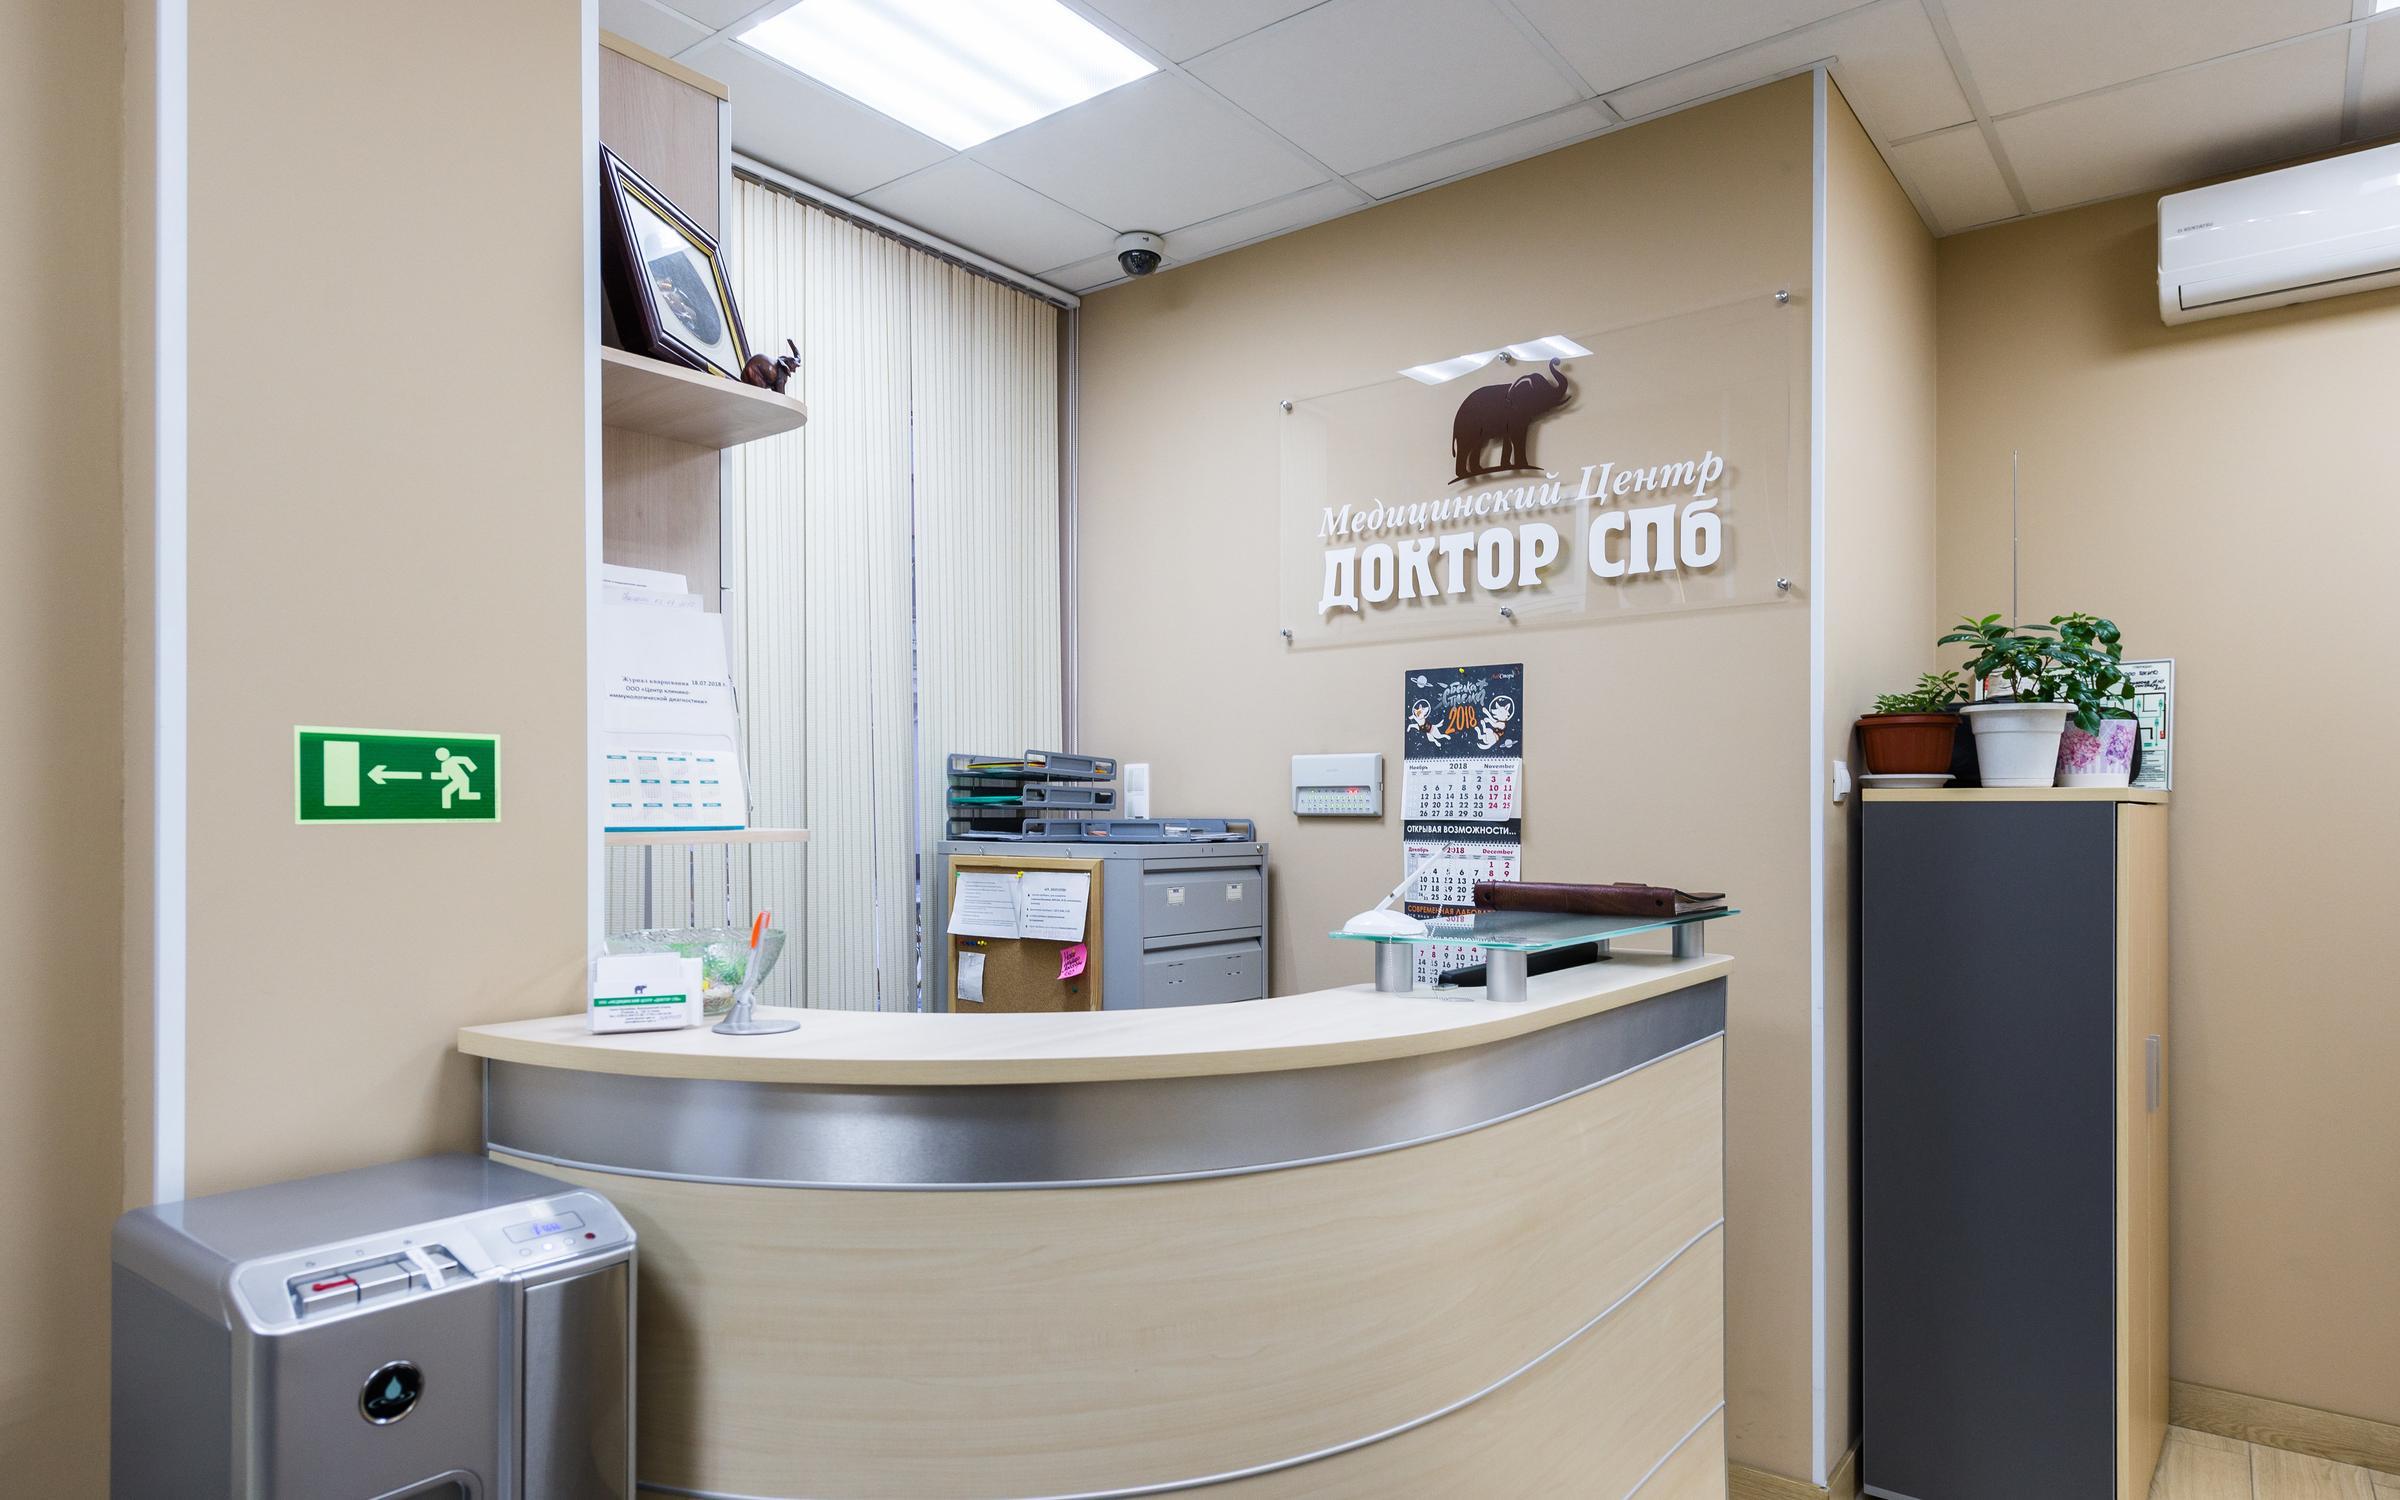 фотография Медицинского центра Доктор СПб на метро Василеостровская